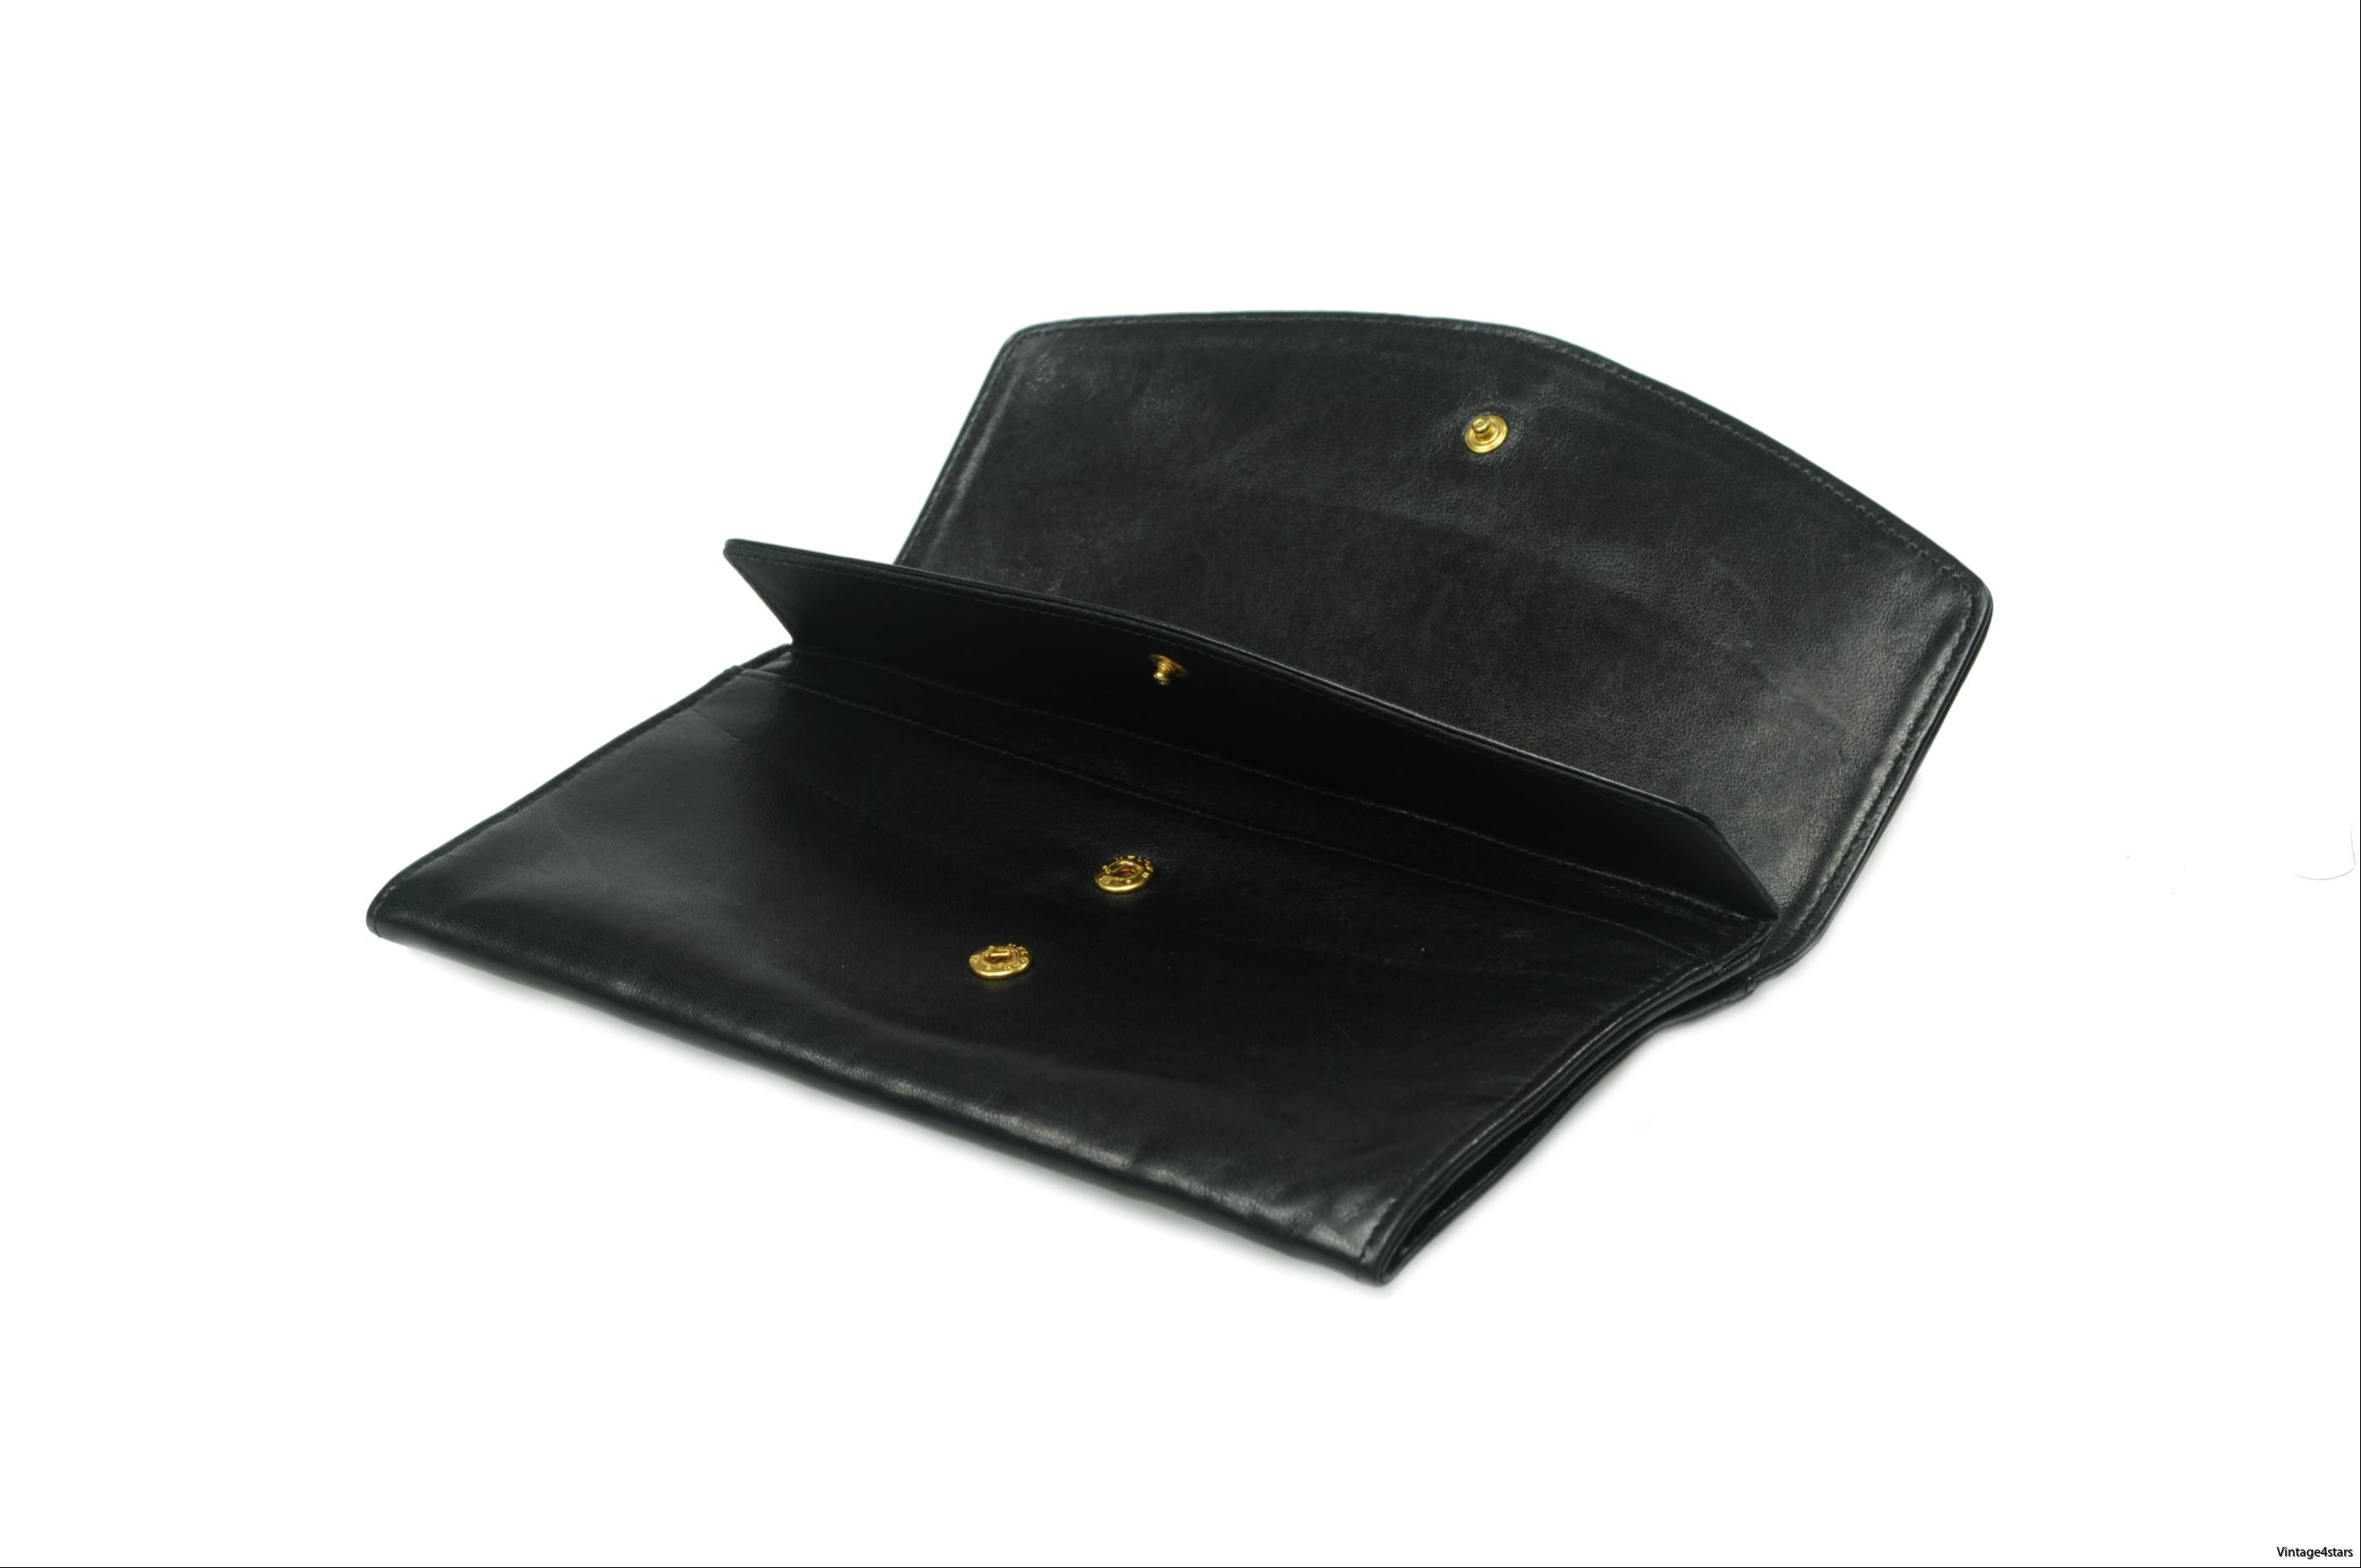 CHANEL Long wallet 24